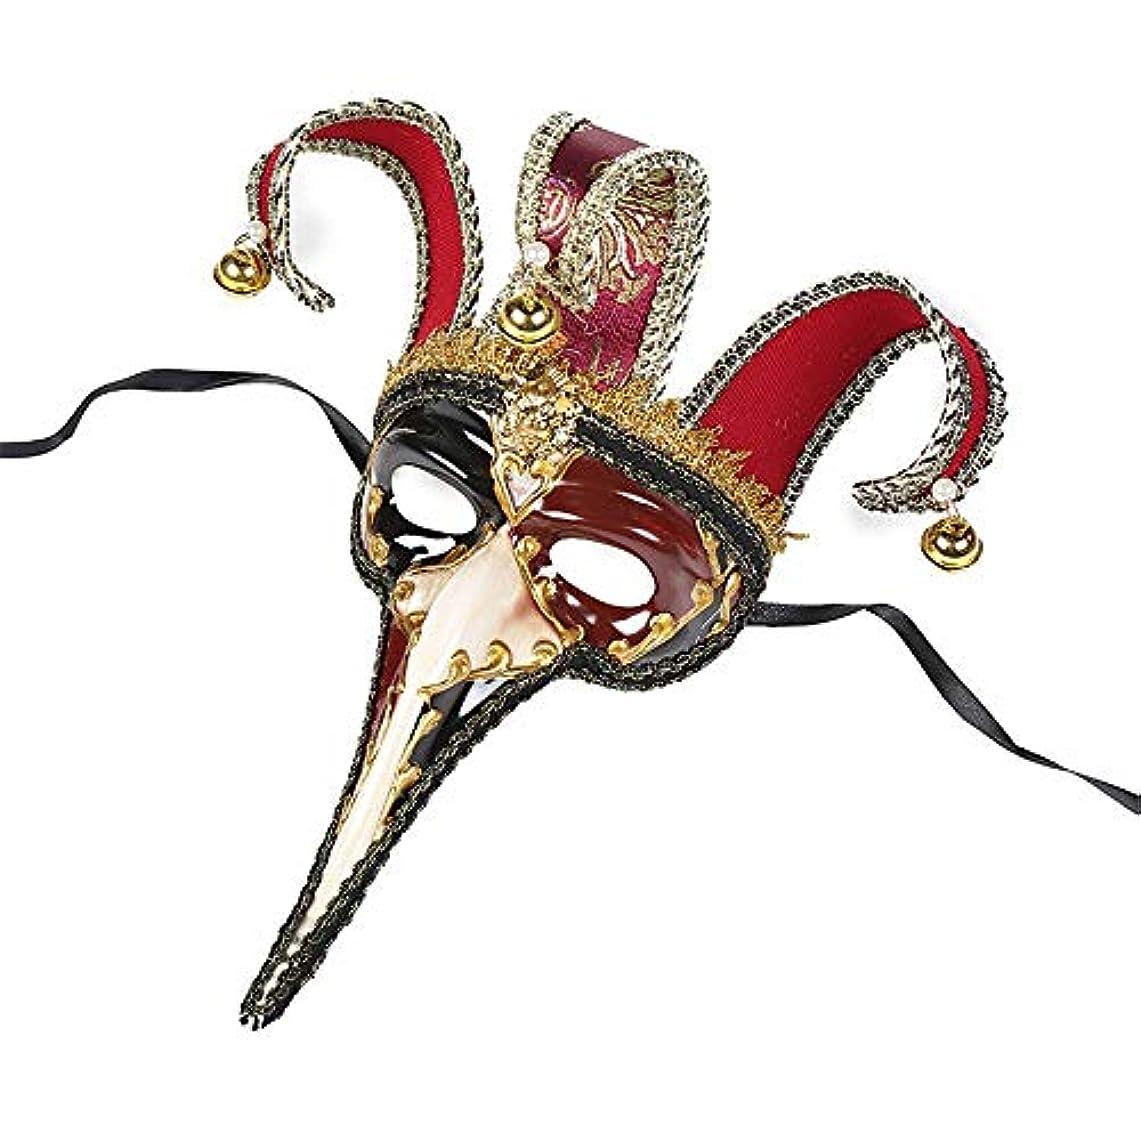 シャワー精査期限切れダンスマスク ハーフフェイス鼻フラミンゴハロウィーン仮装雰囲気クリスマスフェスティバルロールプレイングプラスチックマスク パーティーボールマスク (色 : 赤, サイズ : 42x15cm)